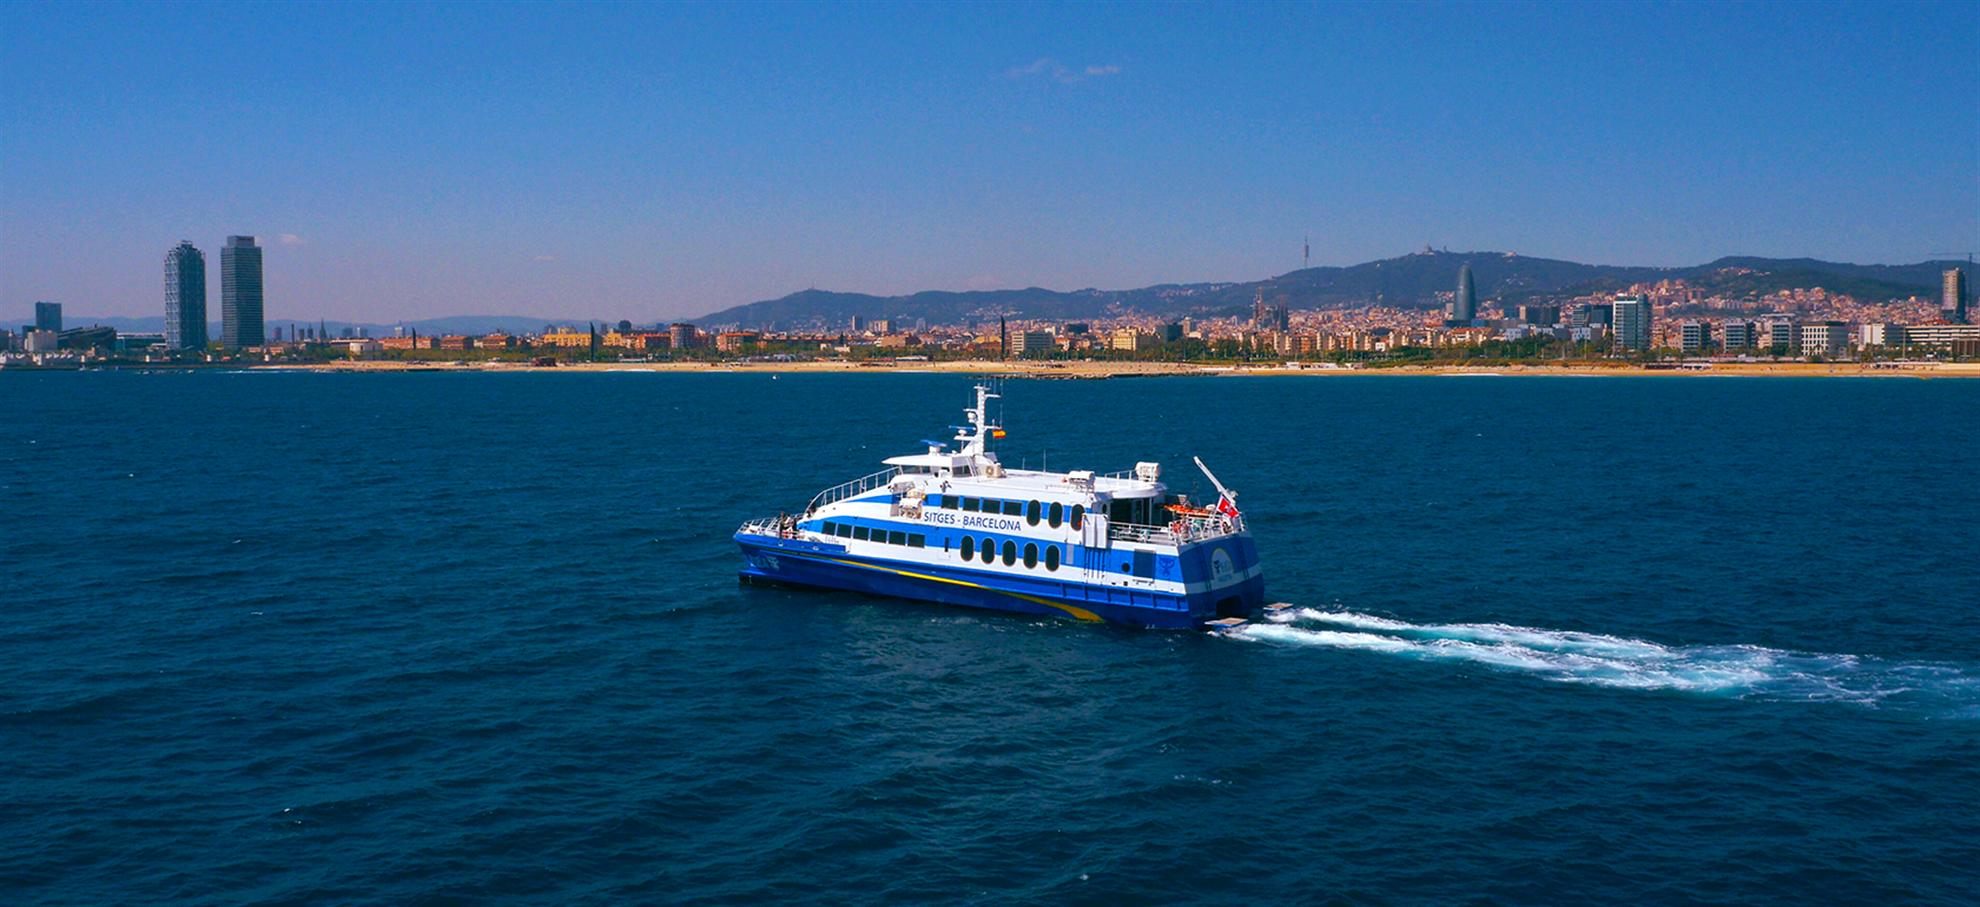 Billets Ferry de Barcelone à Sitges !